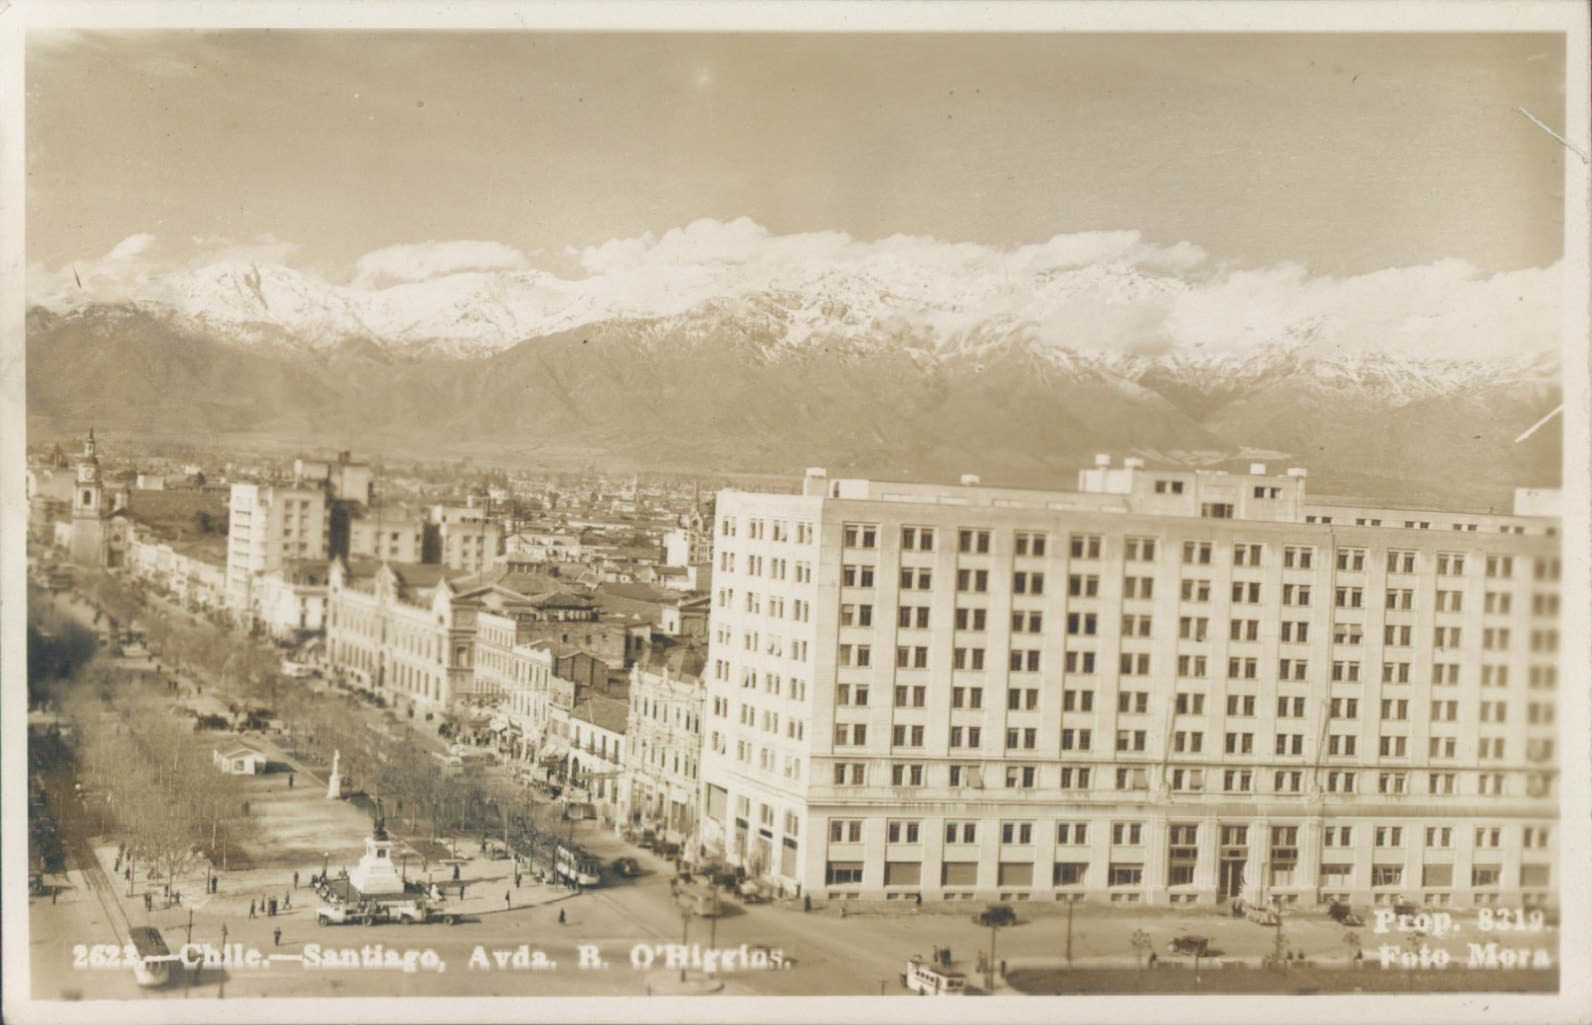 Enterreno - Fotos históricas de chile - fotos antiguas de Chile - Alameda y la cordillera nevada en Santiago, 1948